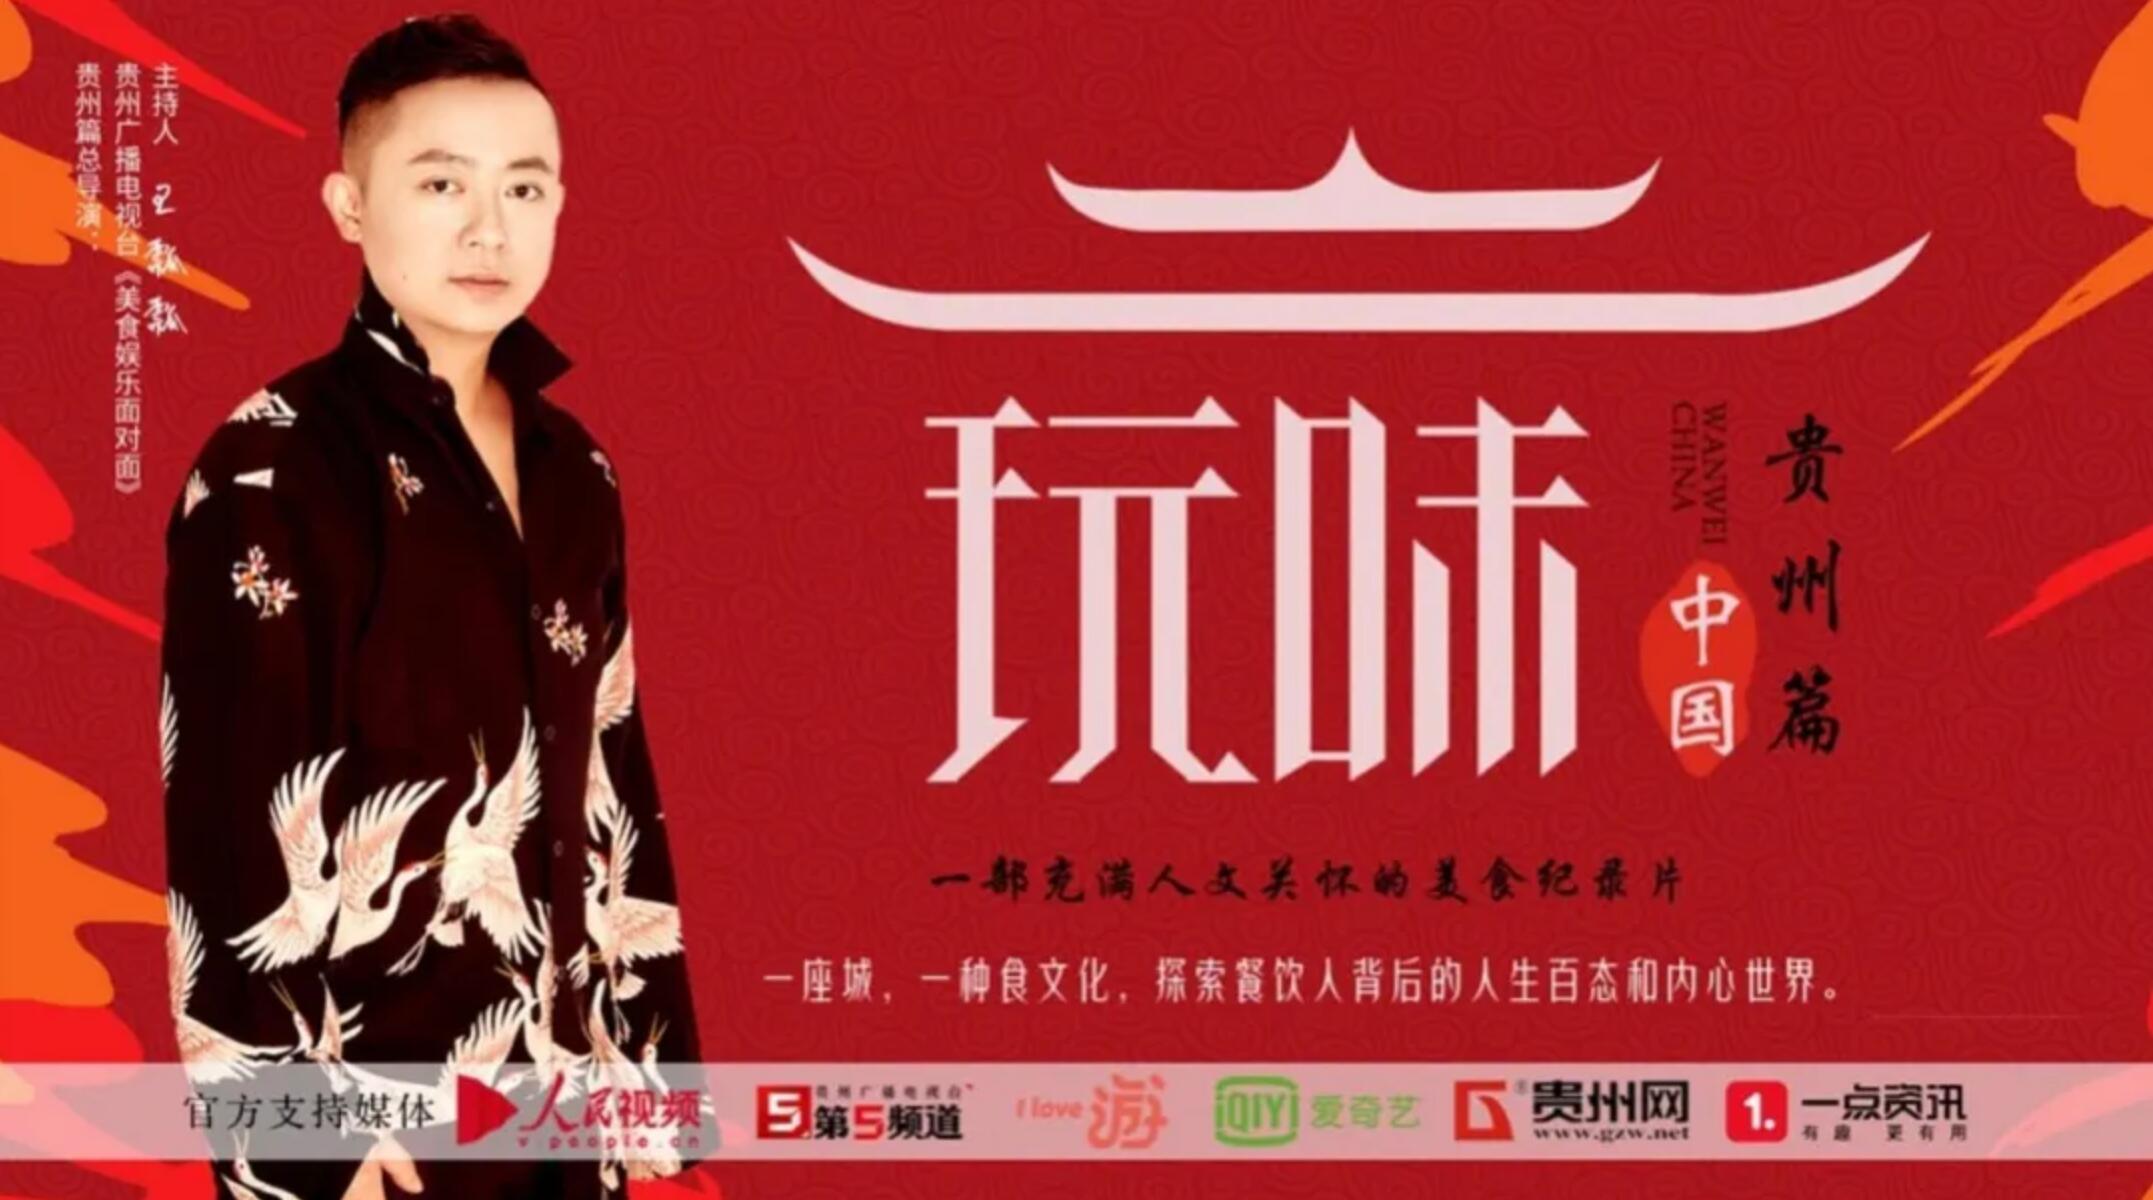 玩味中国・贵州篇 第5集 友谊路杜老六干鸡面